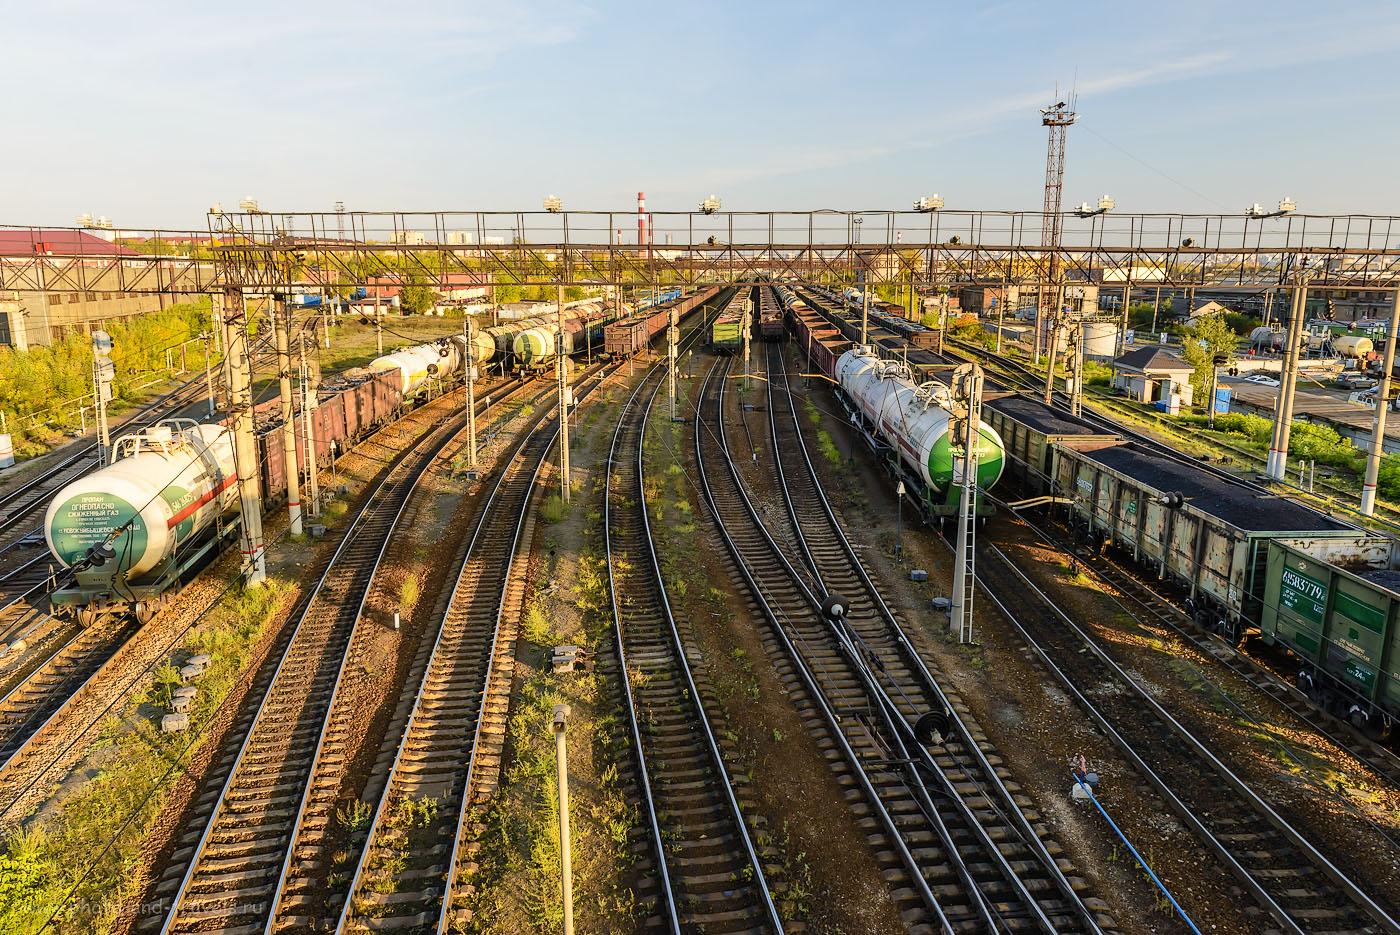 Фото 3. Такие виды открываются по пути к экспозиции старинной железнодорожной техники. 1/160, -1.33, 8.0, 450, 24.